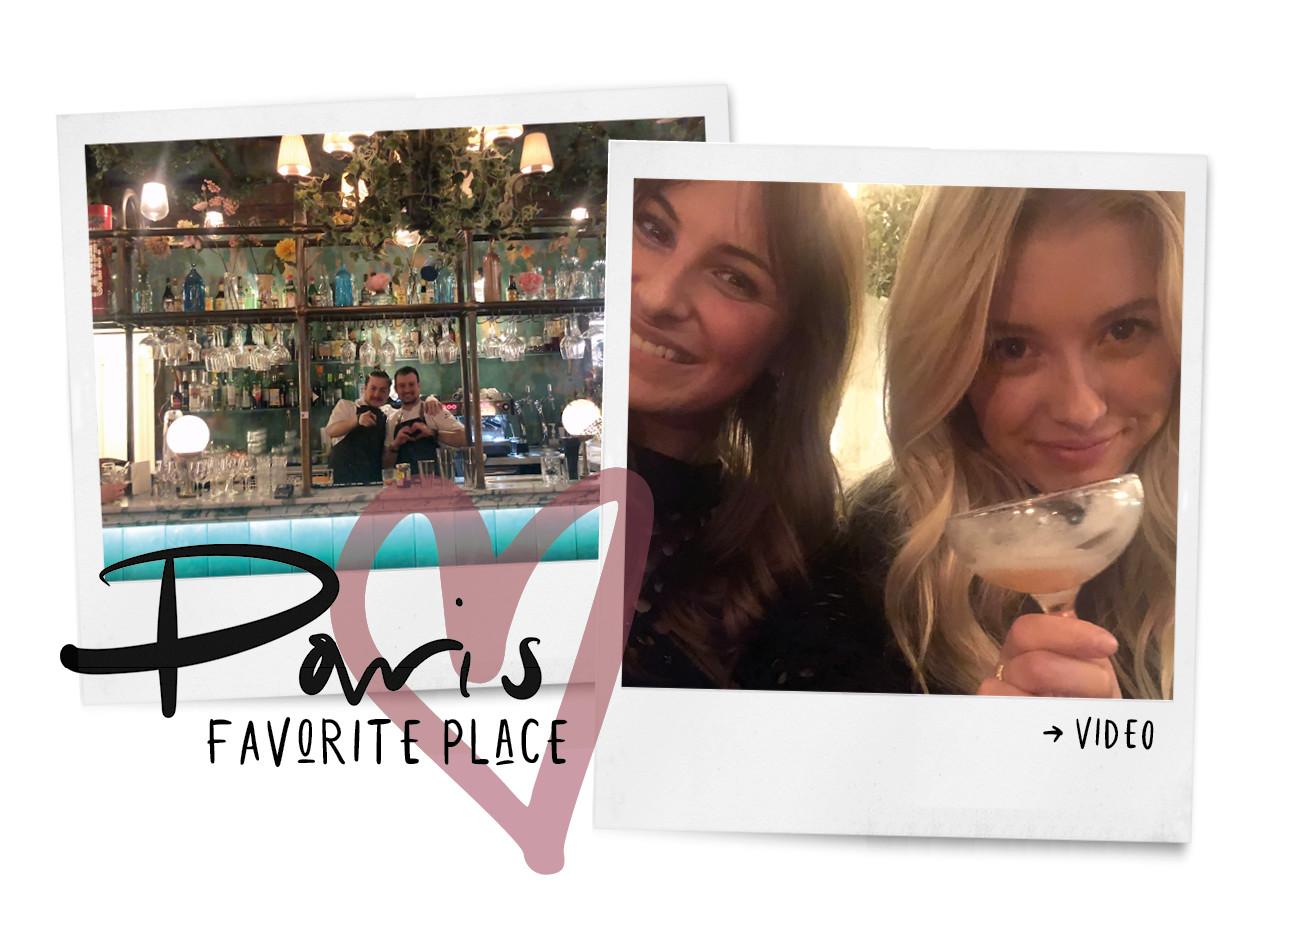 Pink mamma Paris cocktails restaurant in Parijs lilian lachend naar de camera met een cokctails in haar hand en twee lachende barmannen